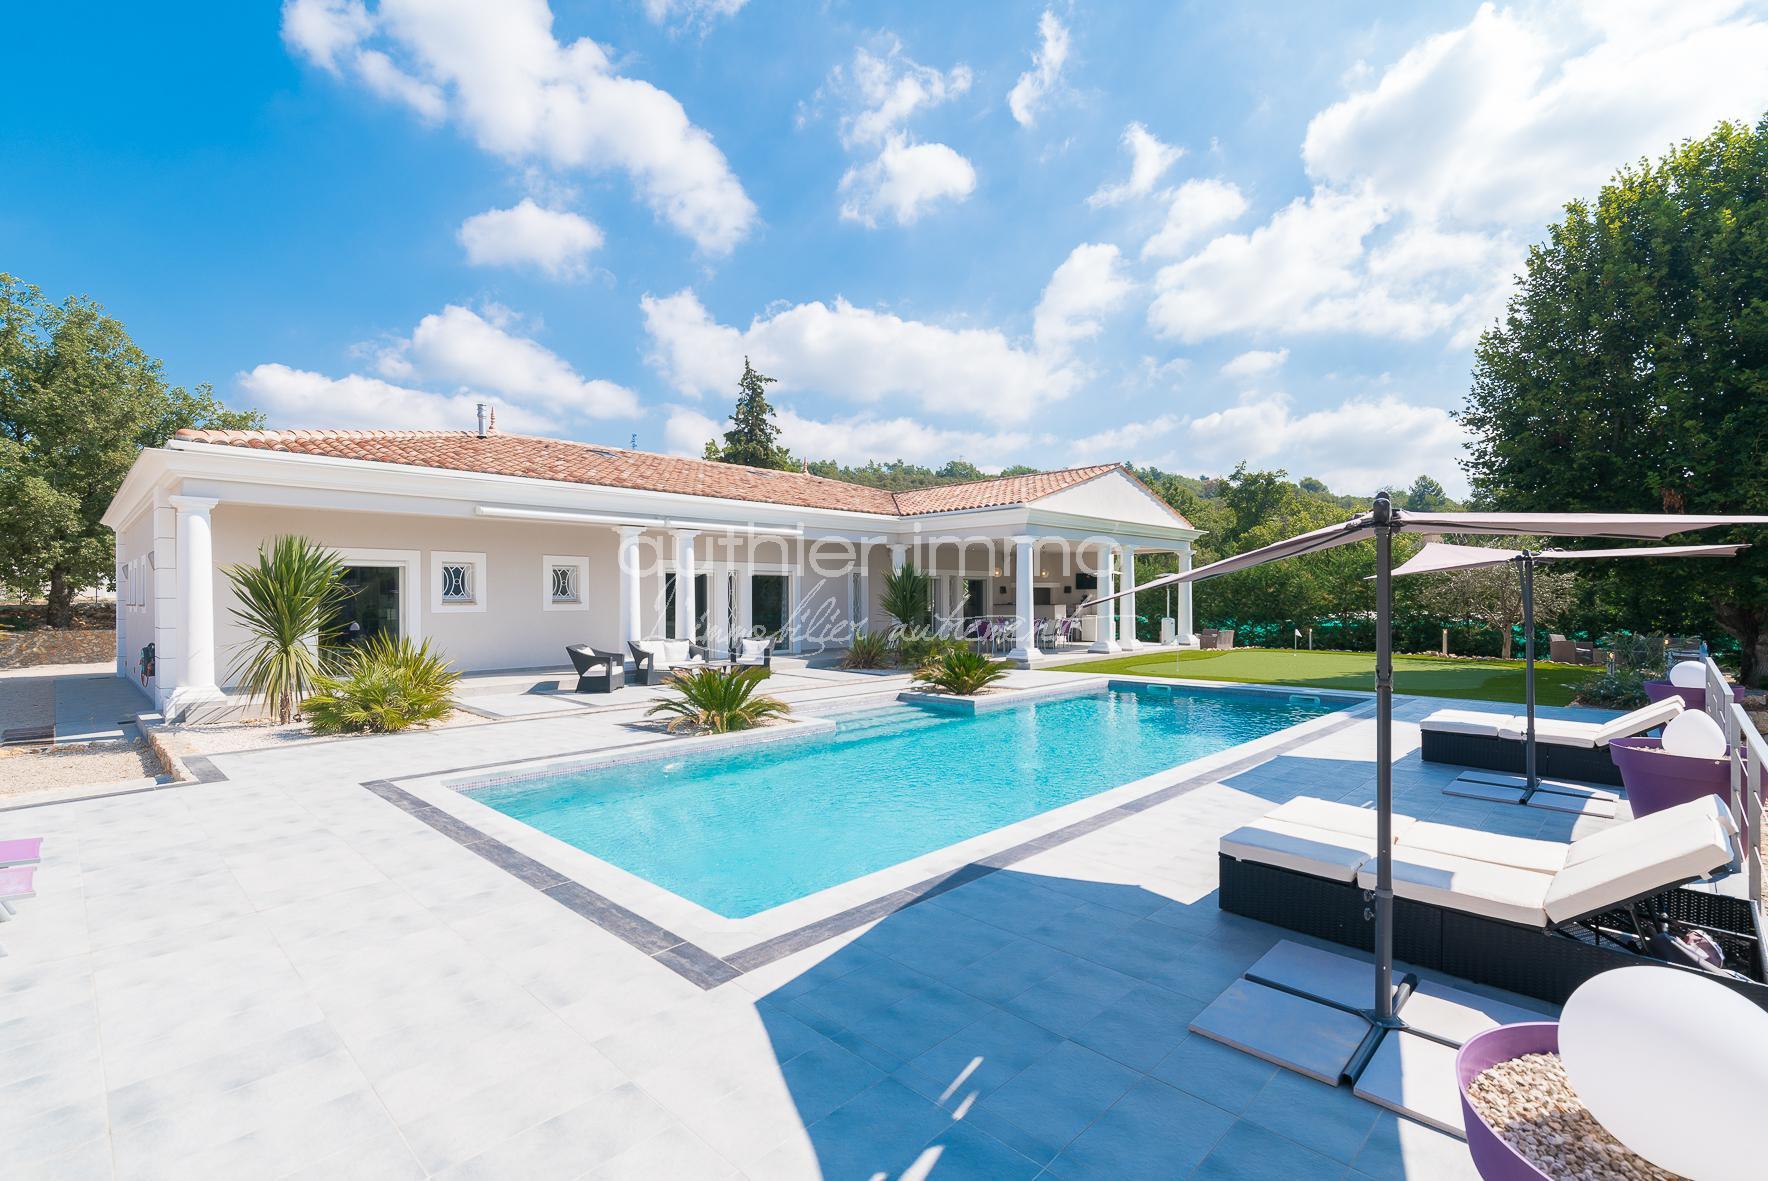 Vente Villa d'Architecte Arrière Pays Cannois